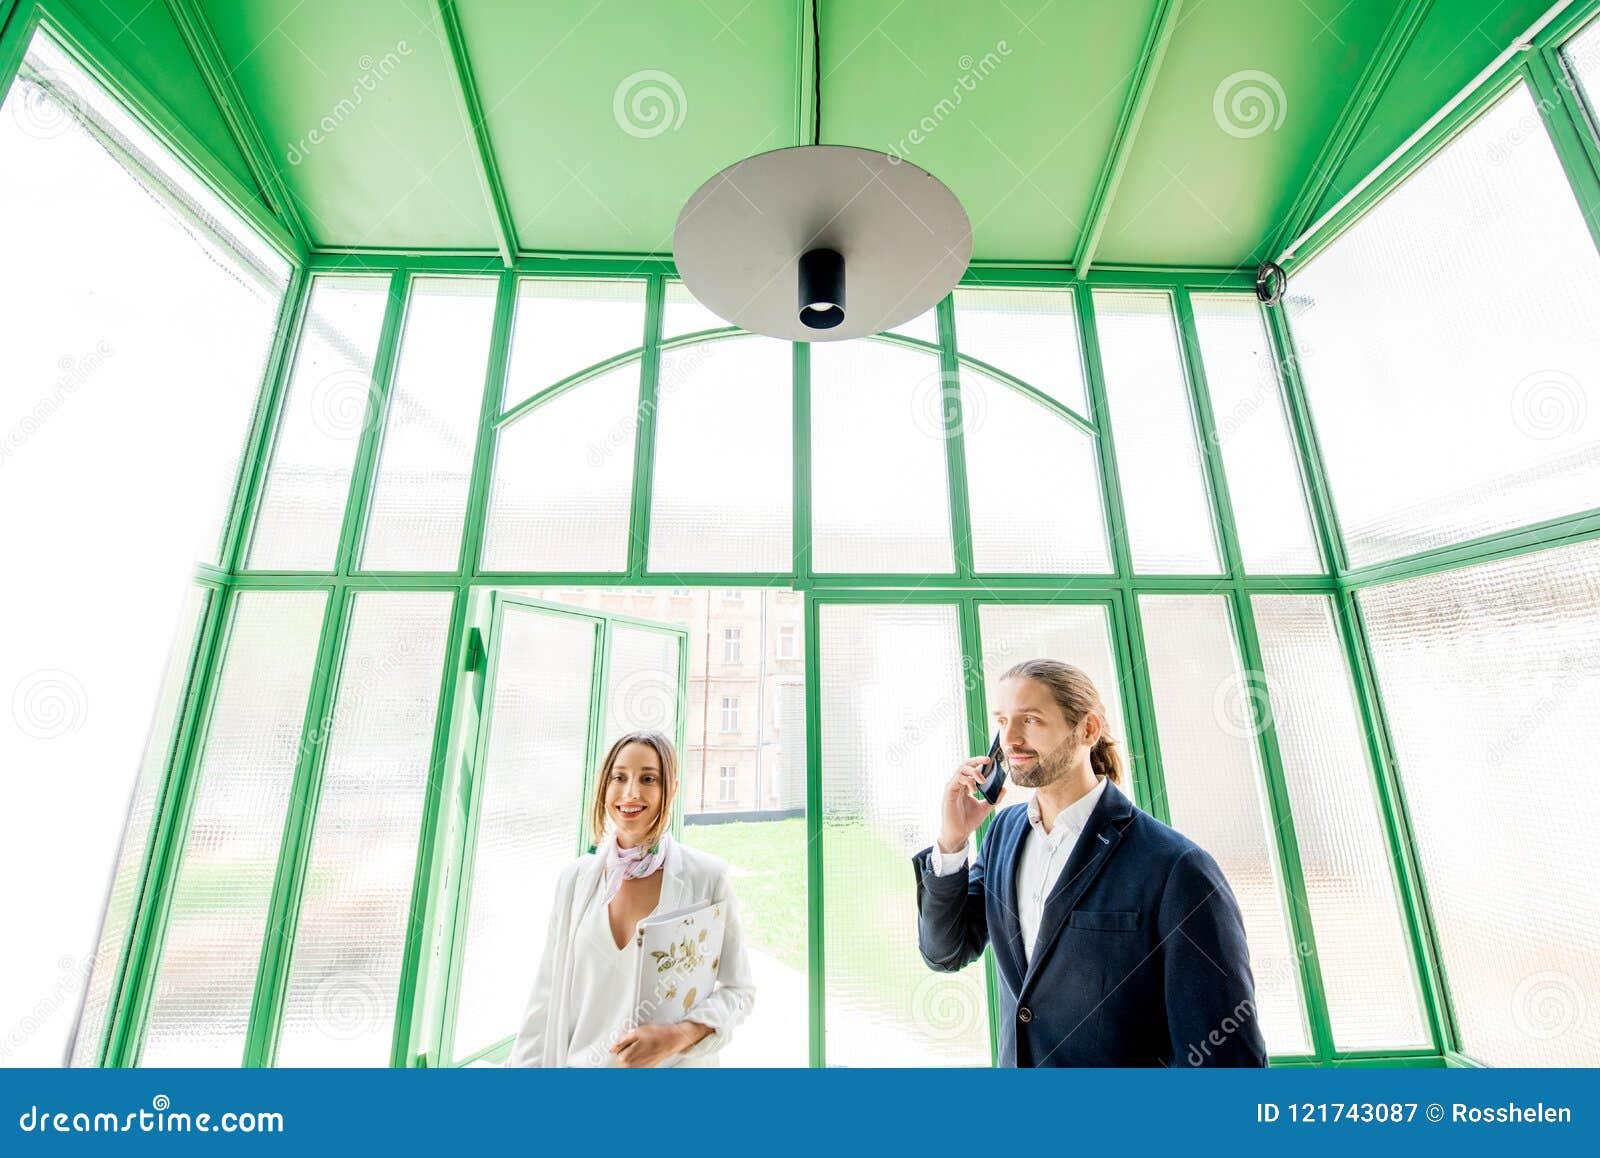 Gens d affaires dans le hall vert